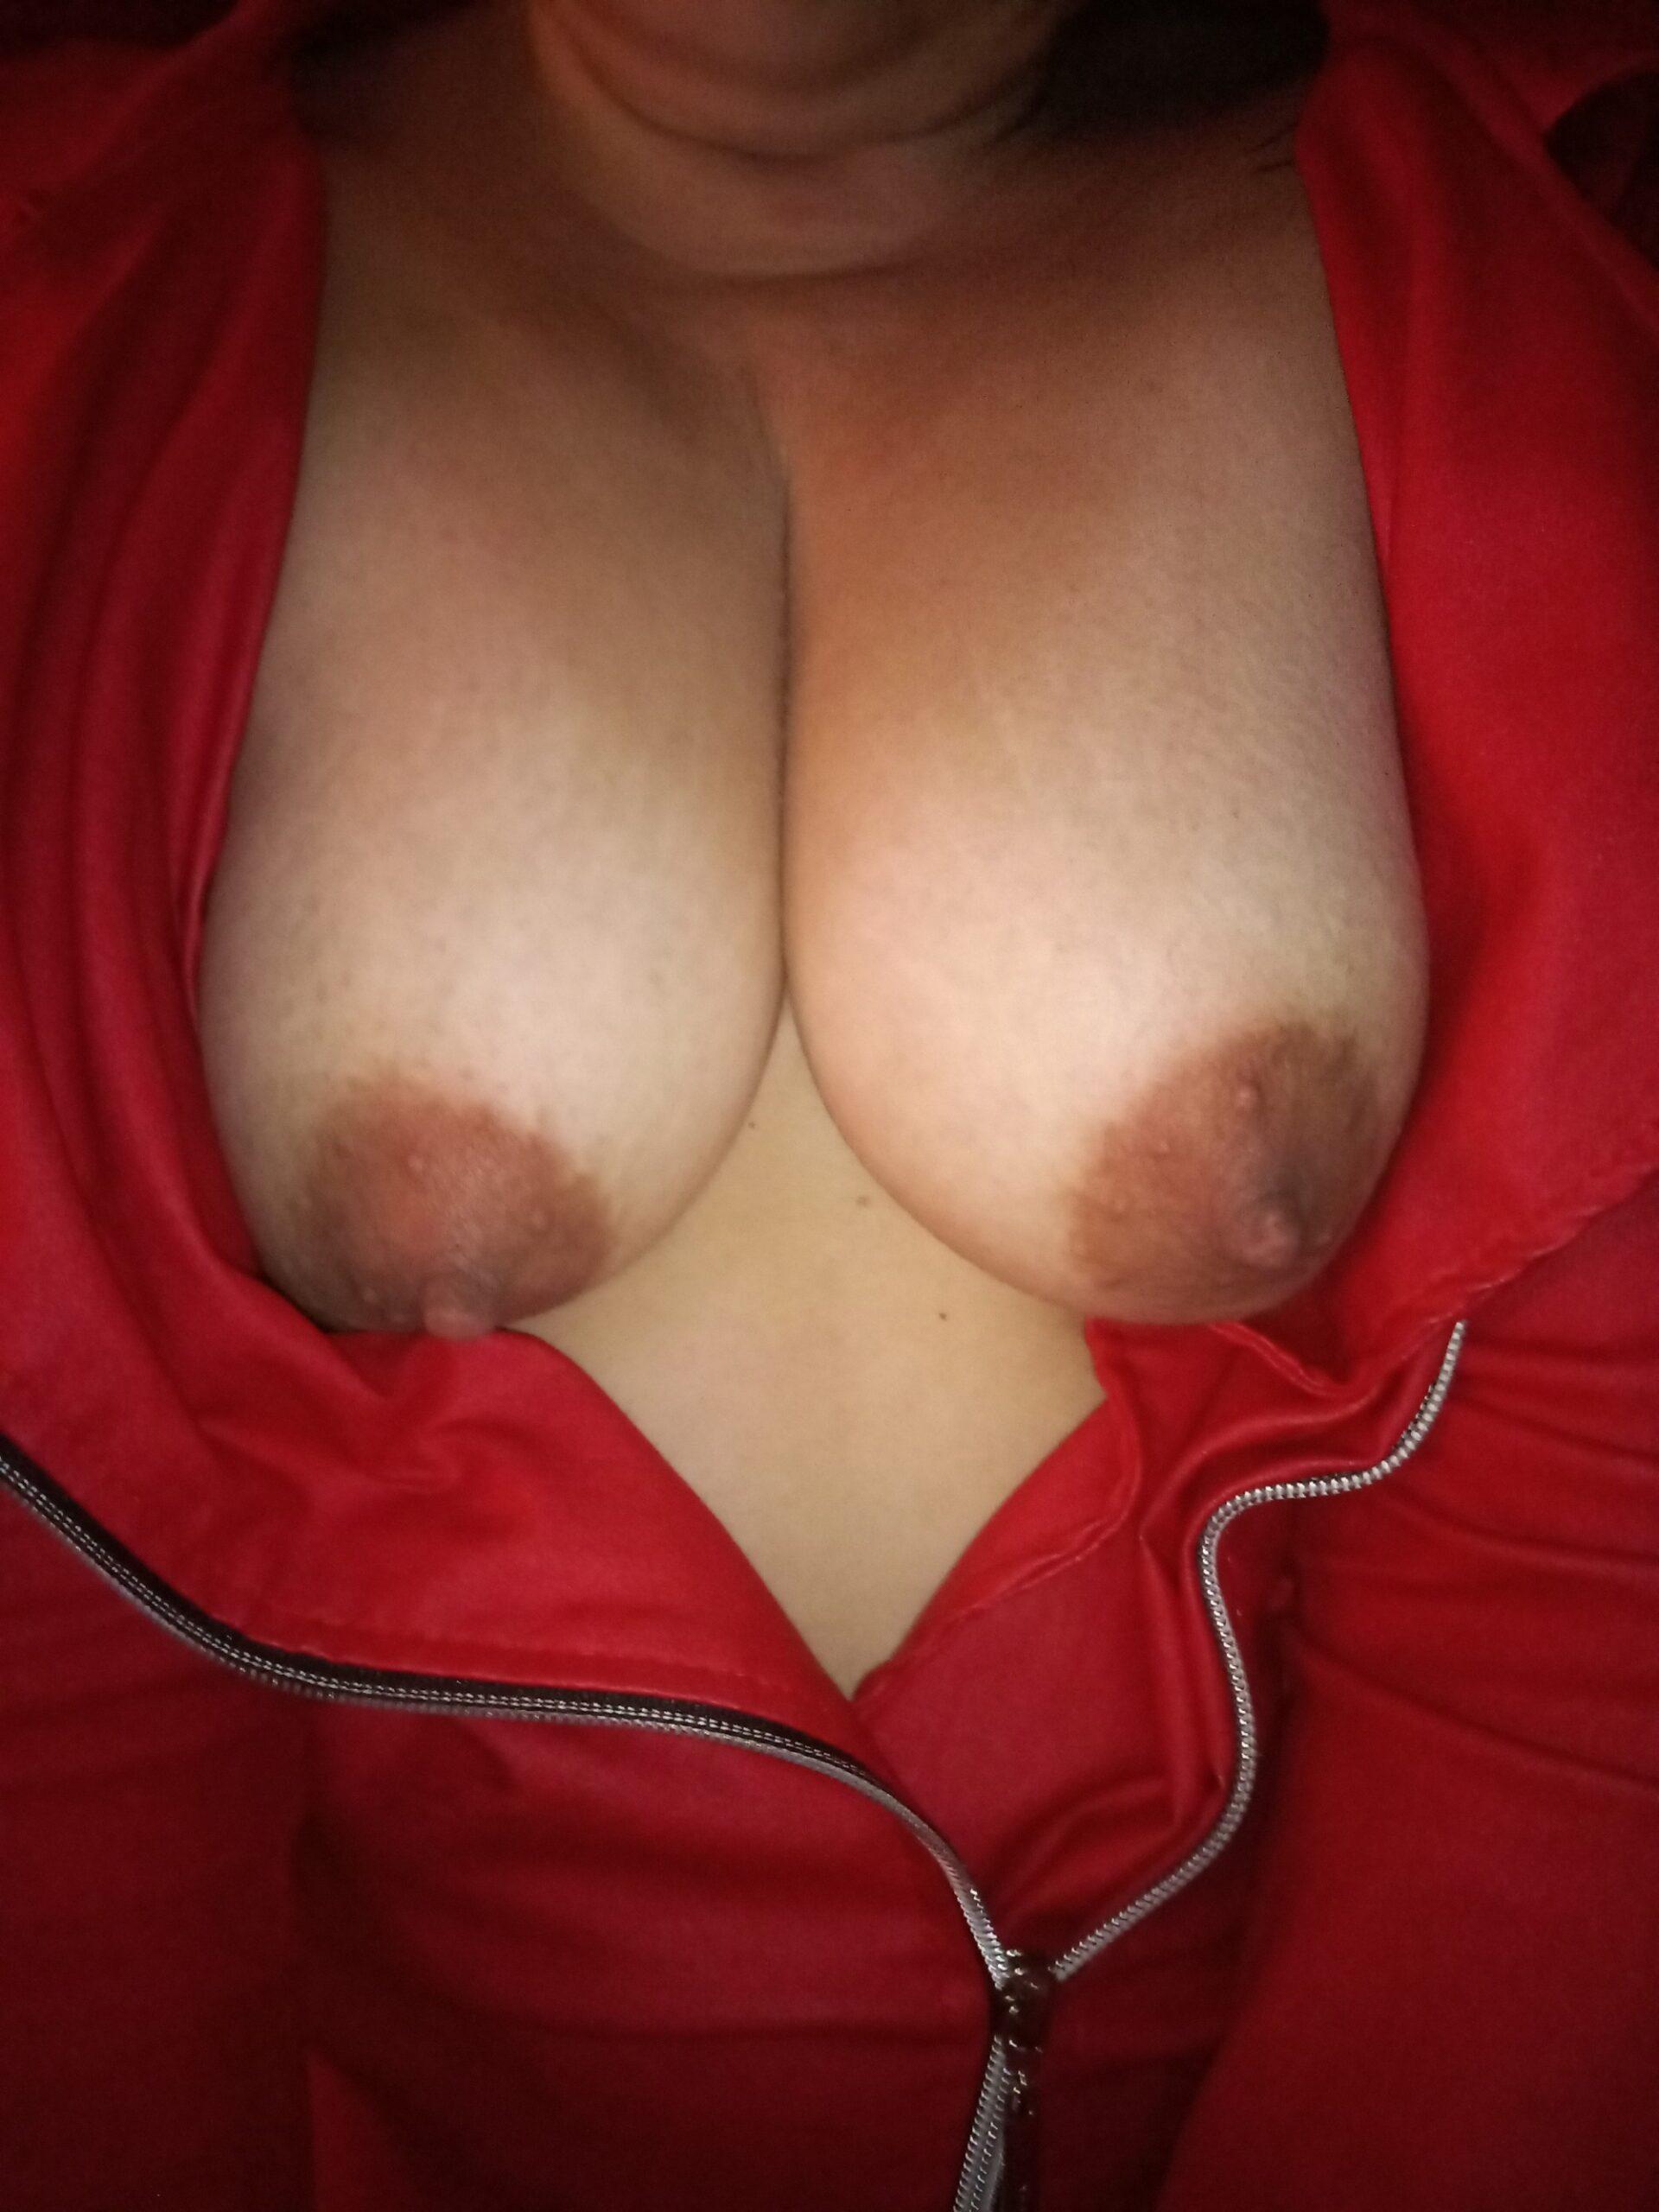 fotos mujeres con escote fotos porno caseras